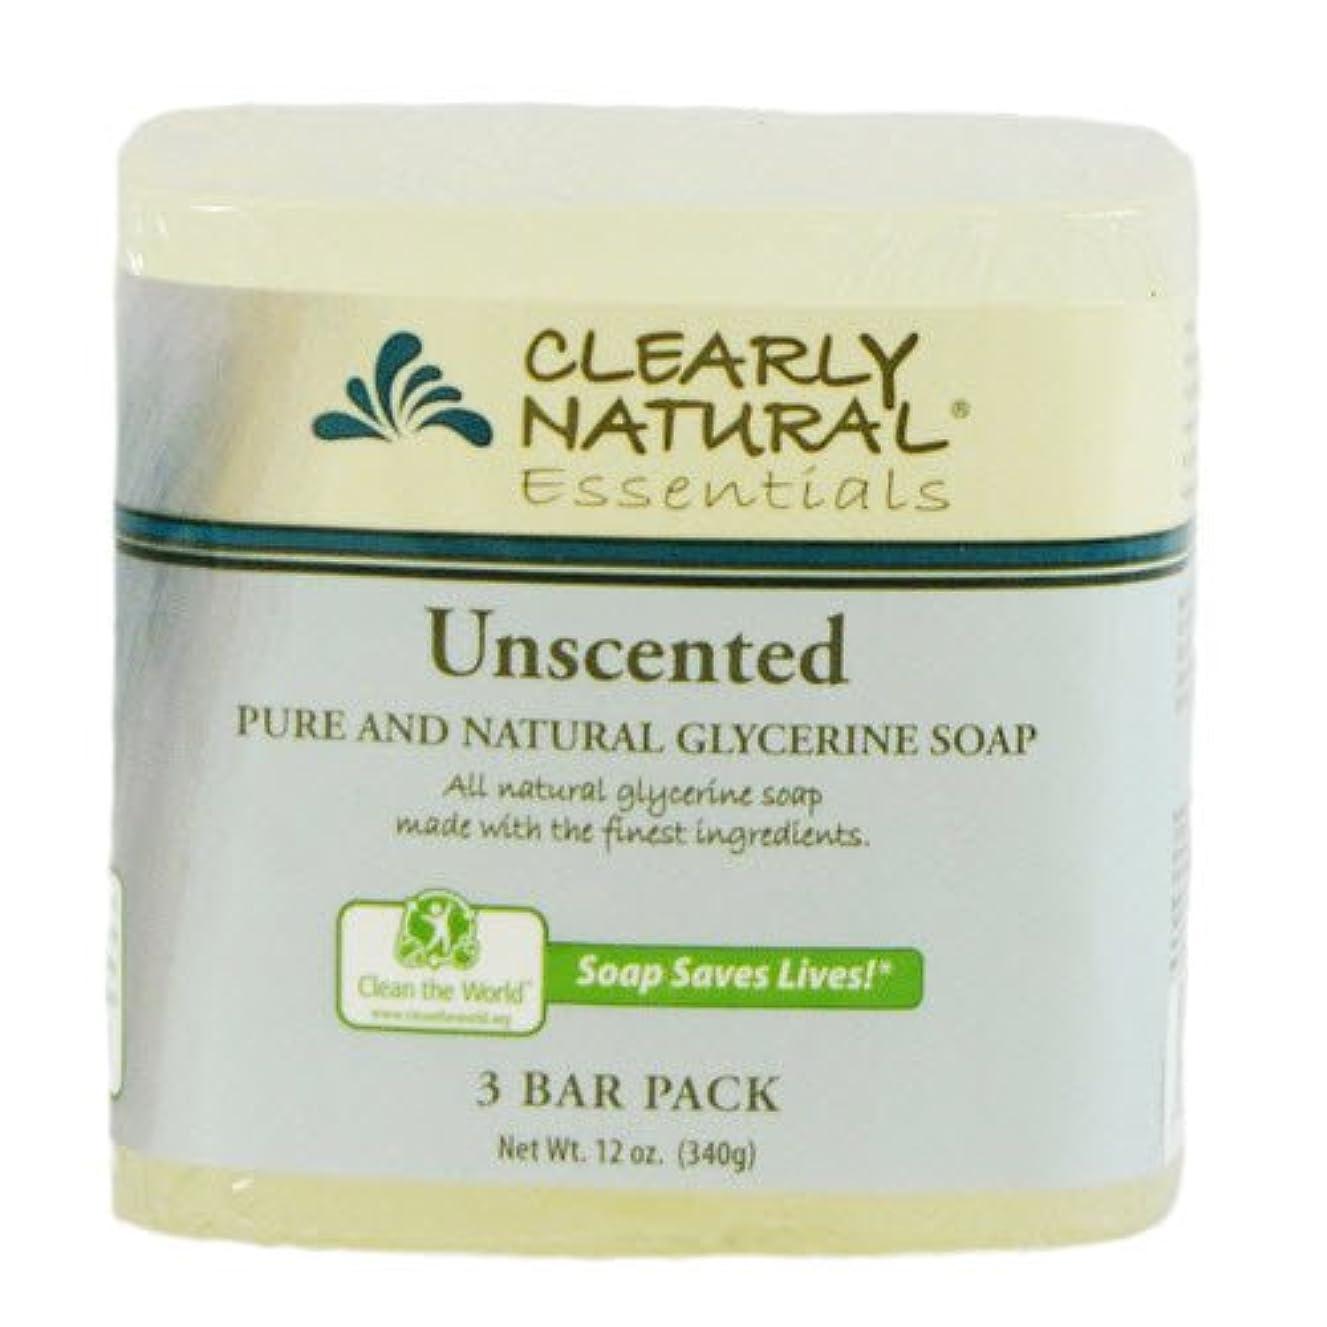 神精巧な明らかにするClearly Natural, Pure and Natural Glycerine Soap, Unscented, 3 Bar Pack, 4 oz Each